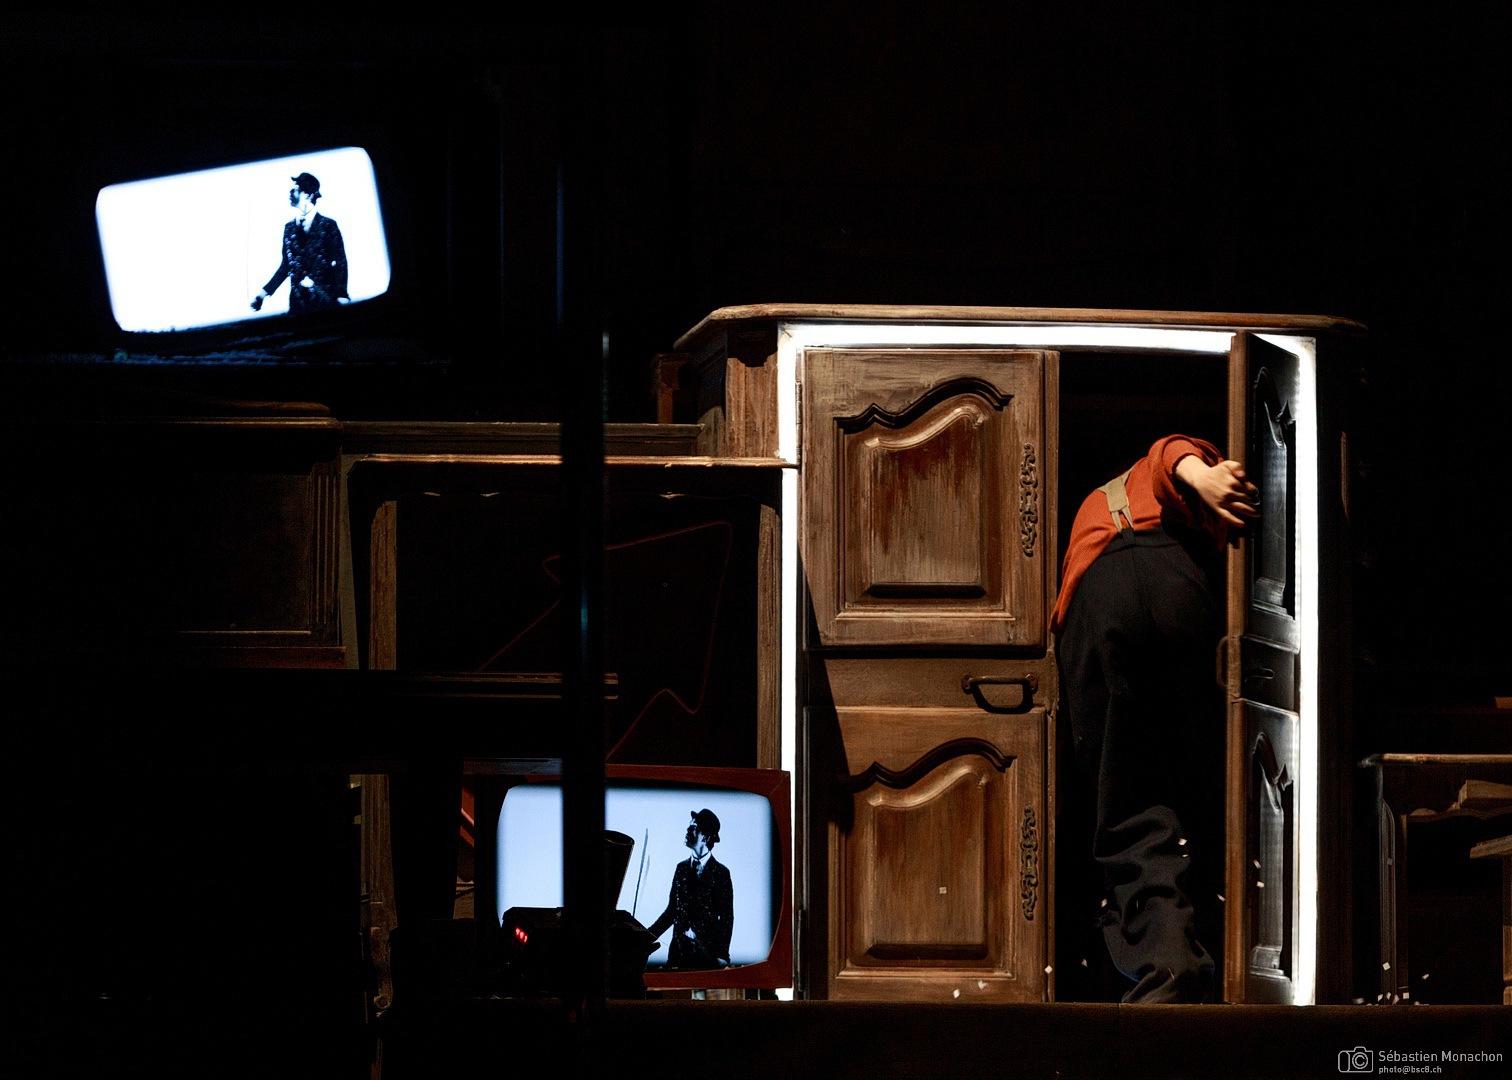 """<em>Charlot et les égarés du cinématographe</em> (photo : <a href=""""https://photo.bsc8.ch/"""" target=""""_blank"""" style=""""color:white!important;"""">Sébastien Monachon</a>)"""